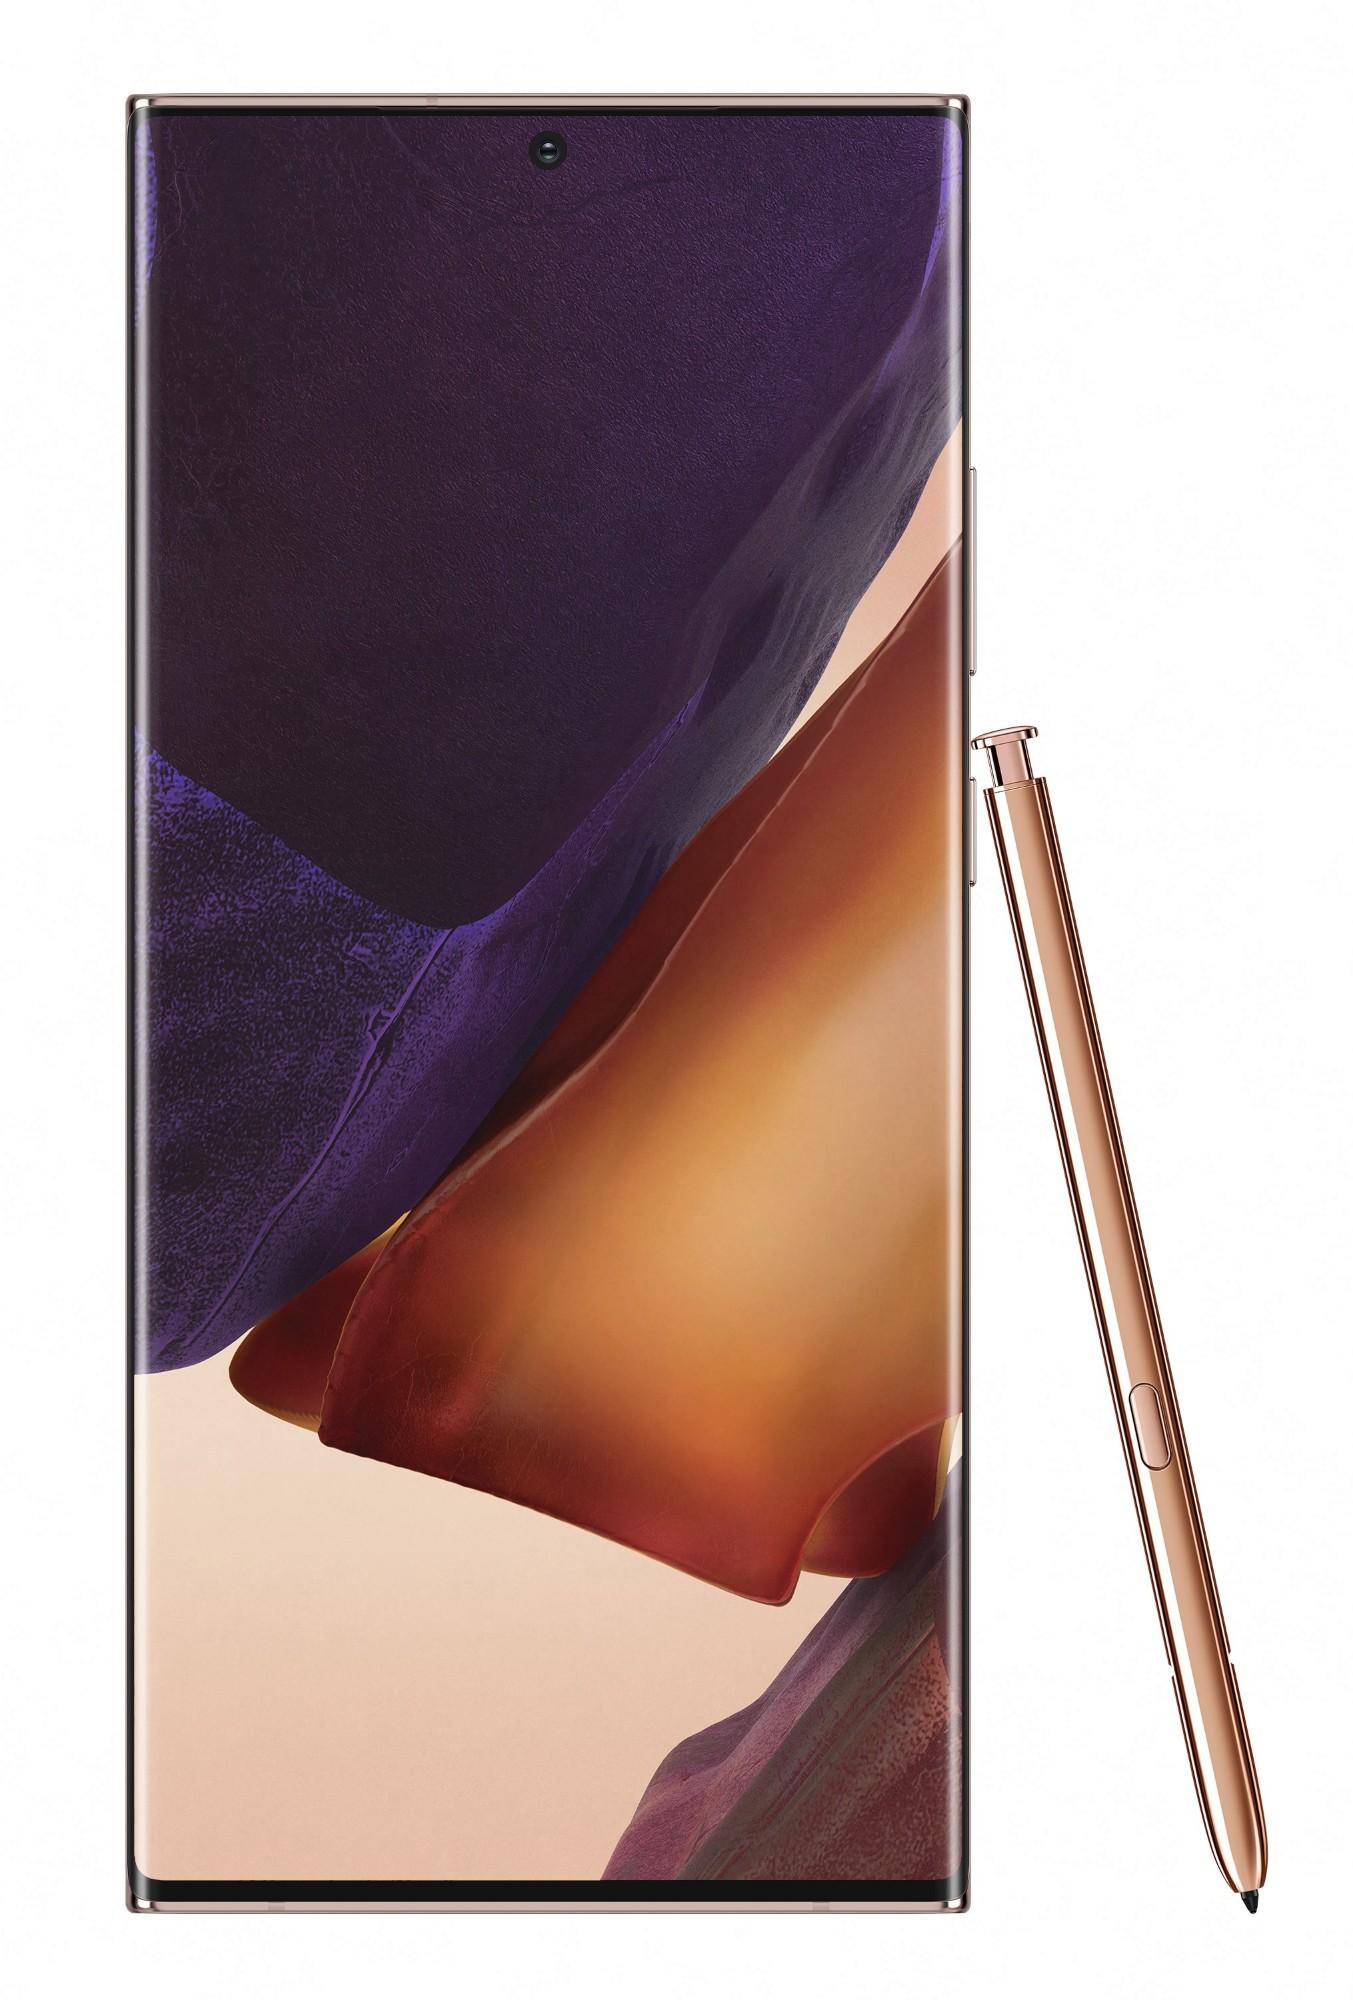 Samsung Galaxy SM-N986B 17.5 cm (6.9